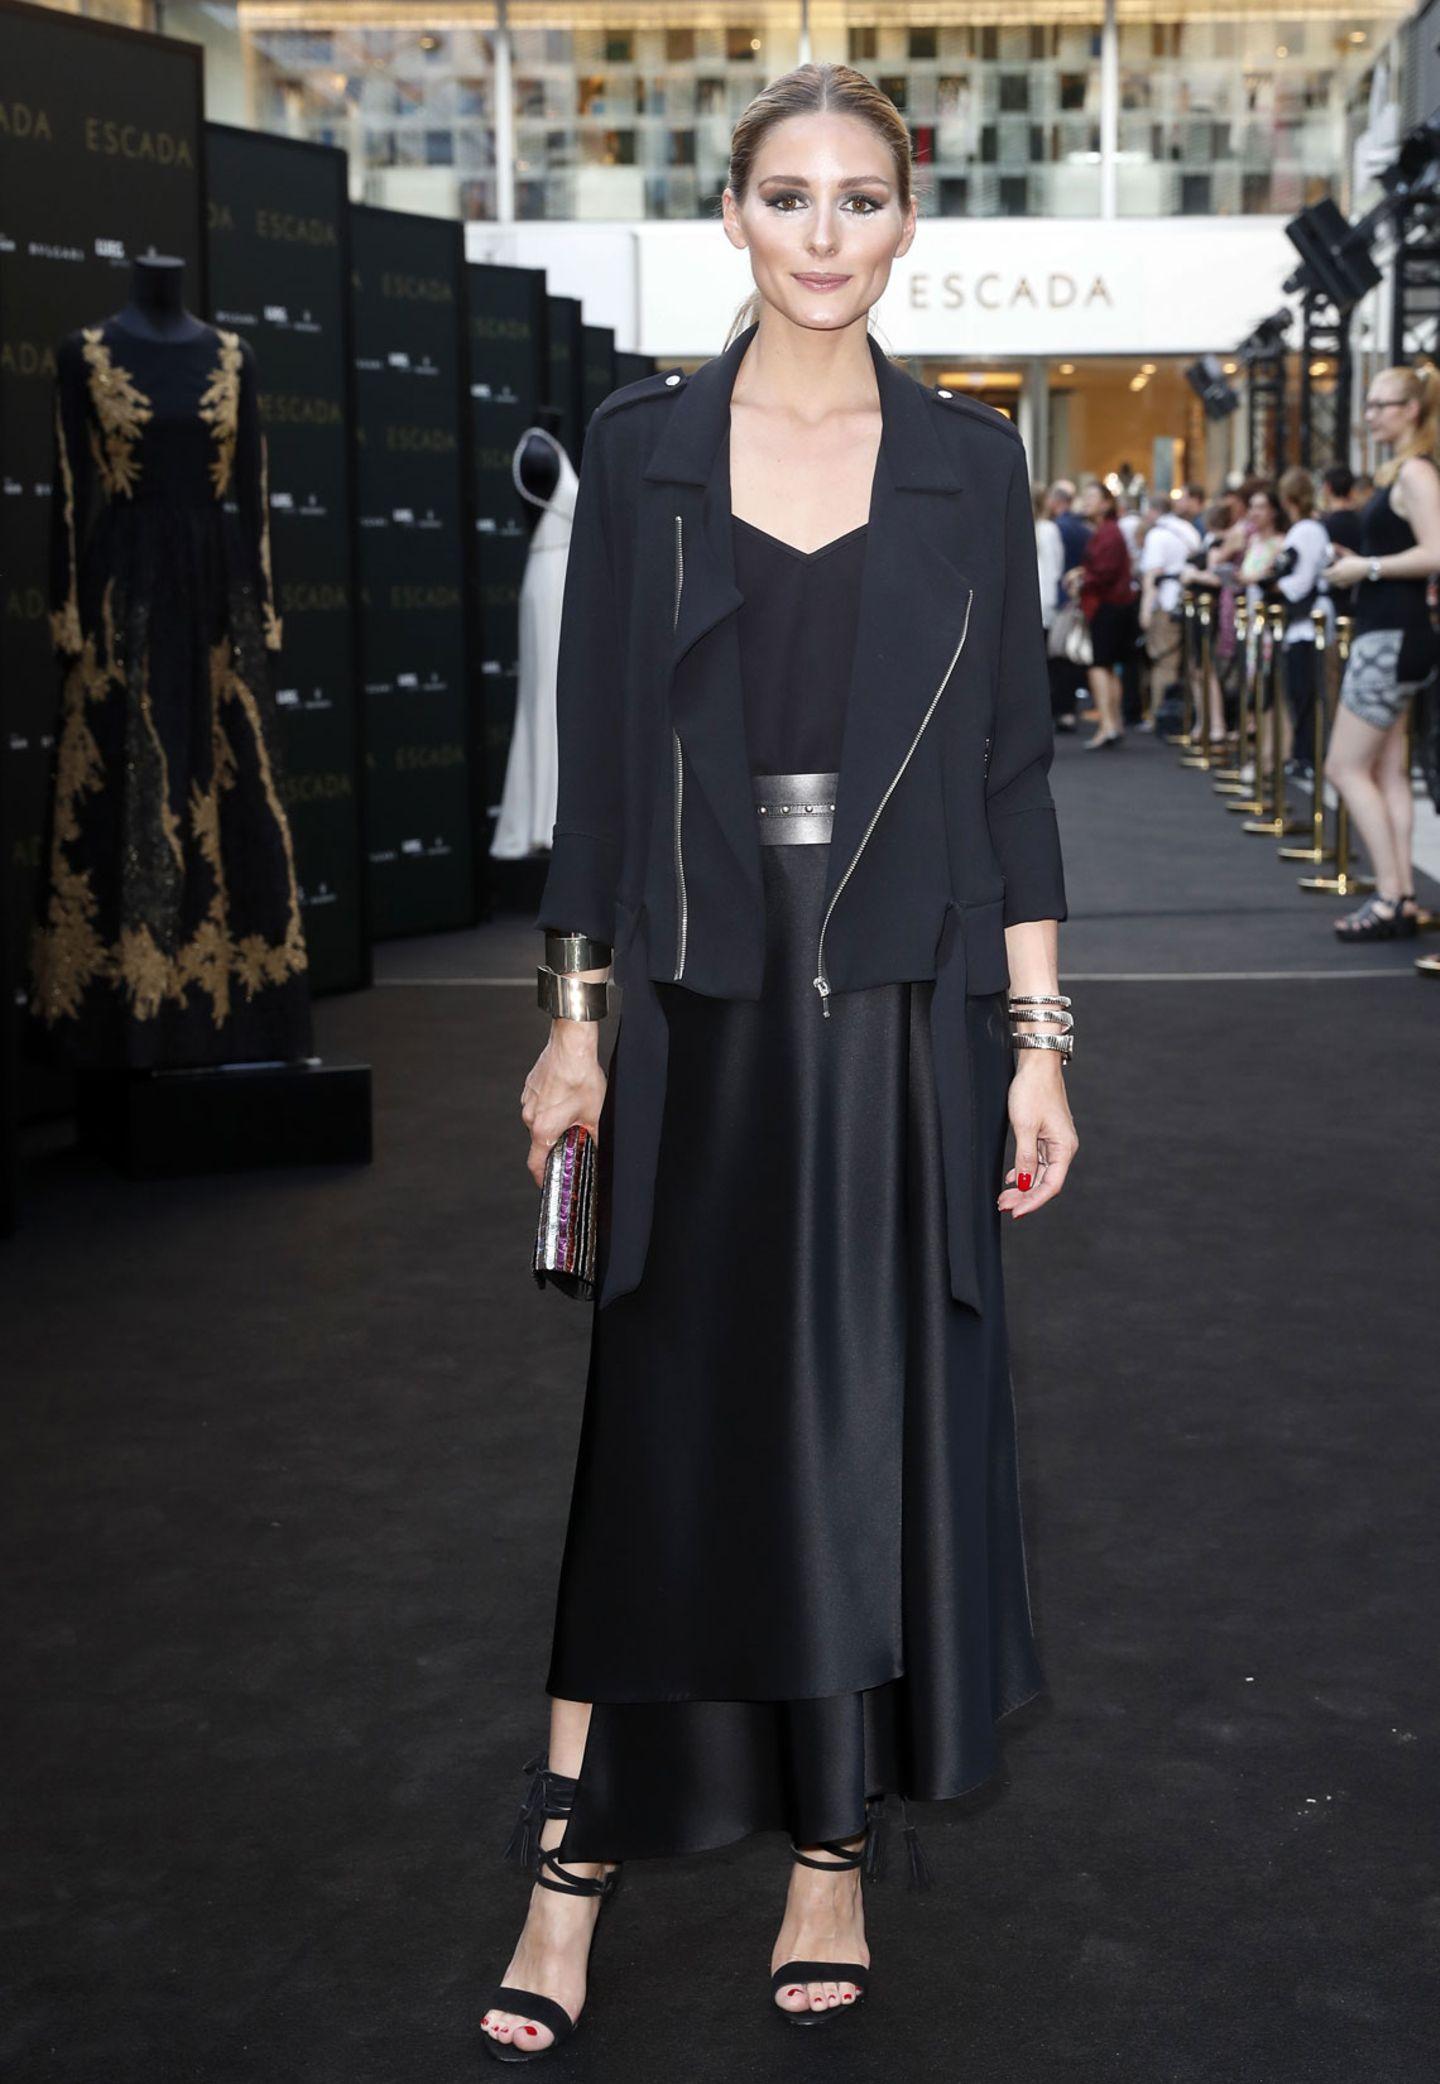 Internationalen Model-Flavour bringt It-Girl Olivia Palermo aus New York mit an die Düsseldorfer Königsalle 30.